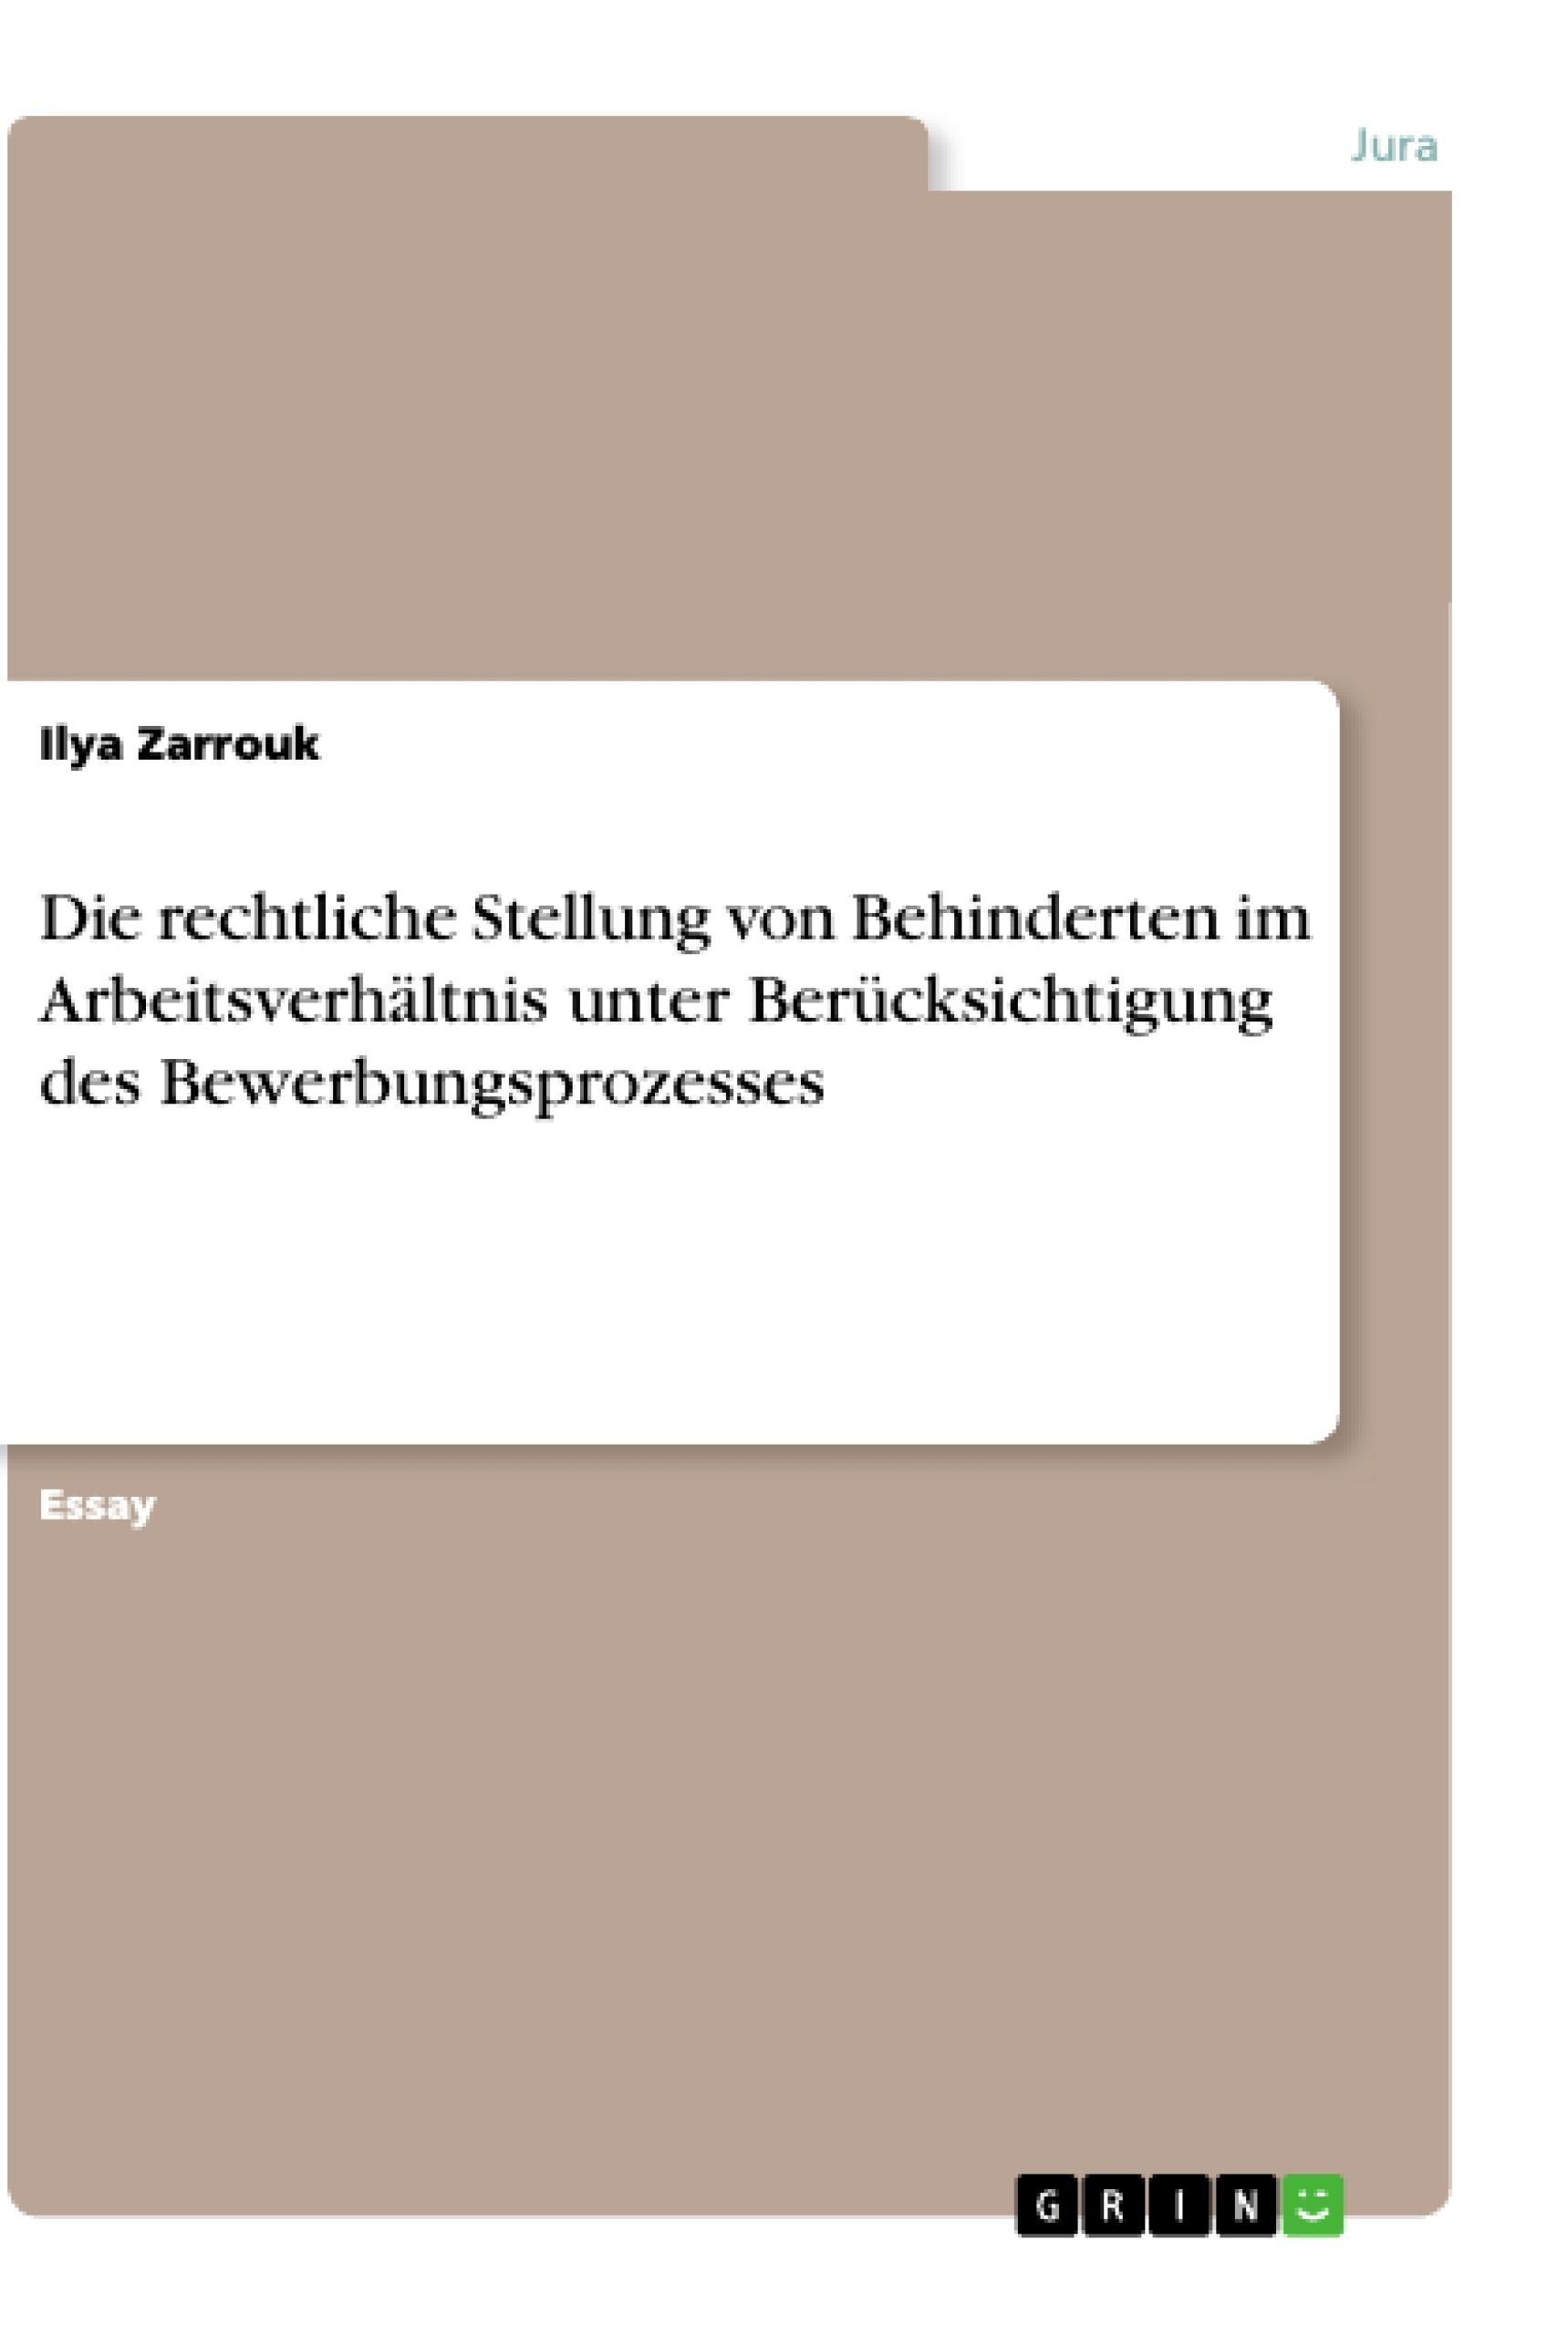 Titel: Die rechtliche Stellung von Behinderten im Arbeitsverhältnis unter Berücksichtigung des Bewerbungsprozesses